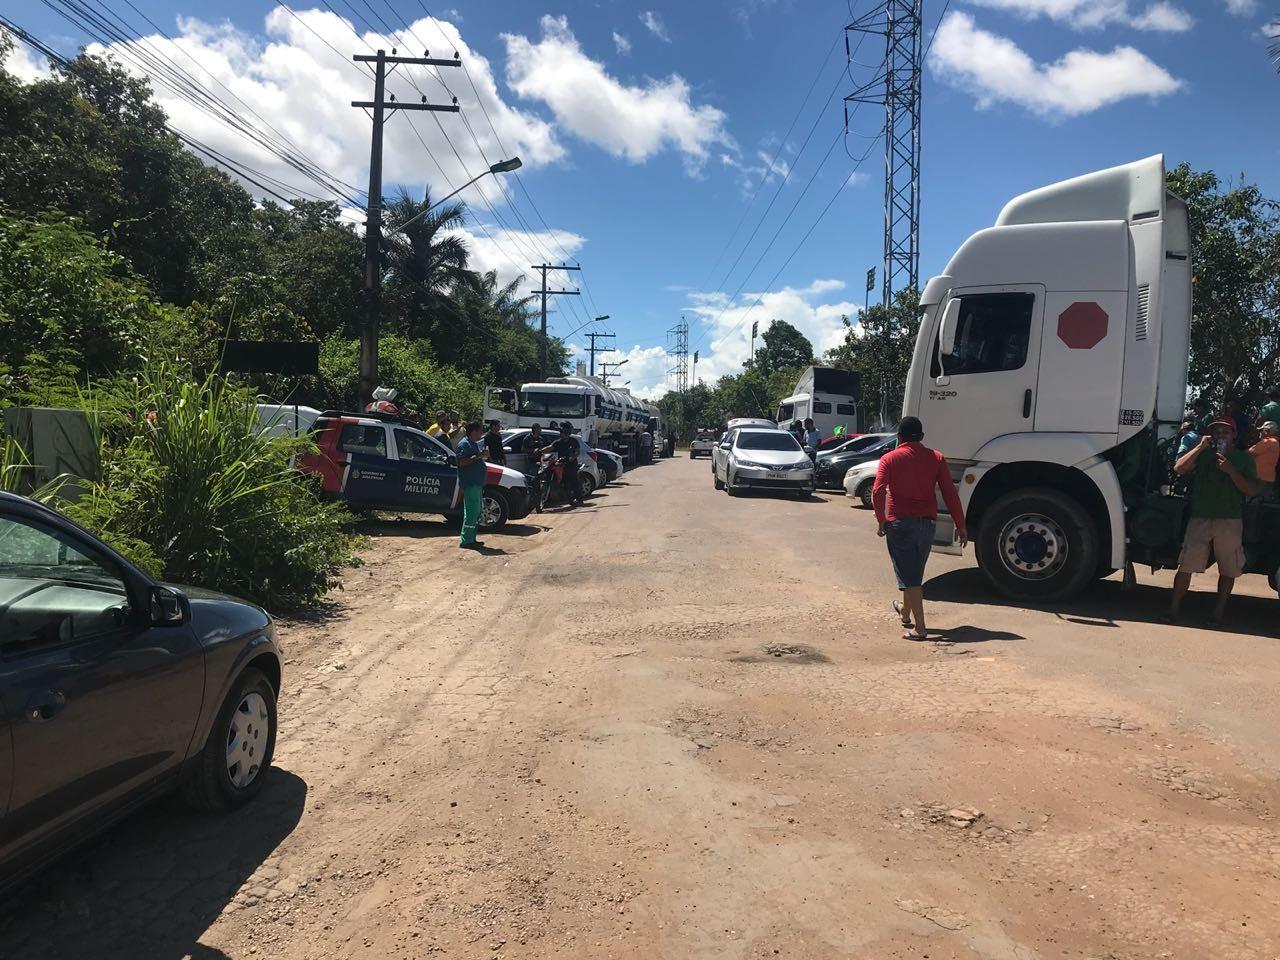 Caminhoneiros mantêm protesto contra alta do diesel em estrada no Distrito Industrial de Manaus